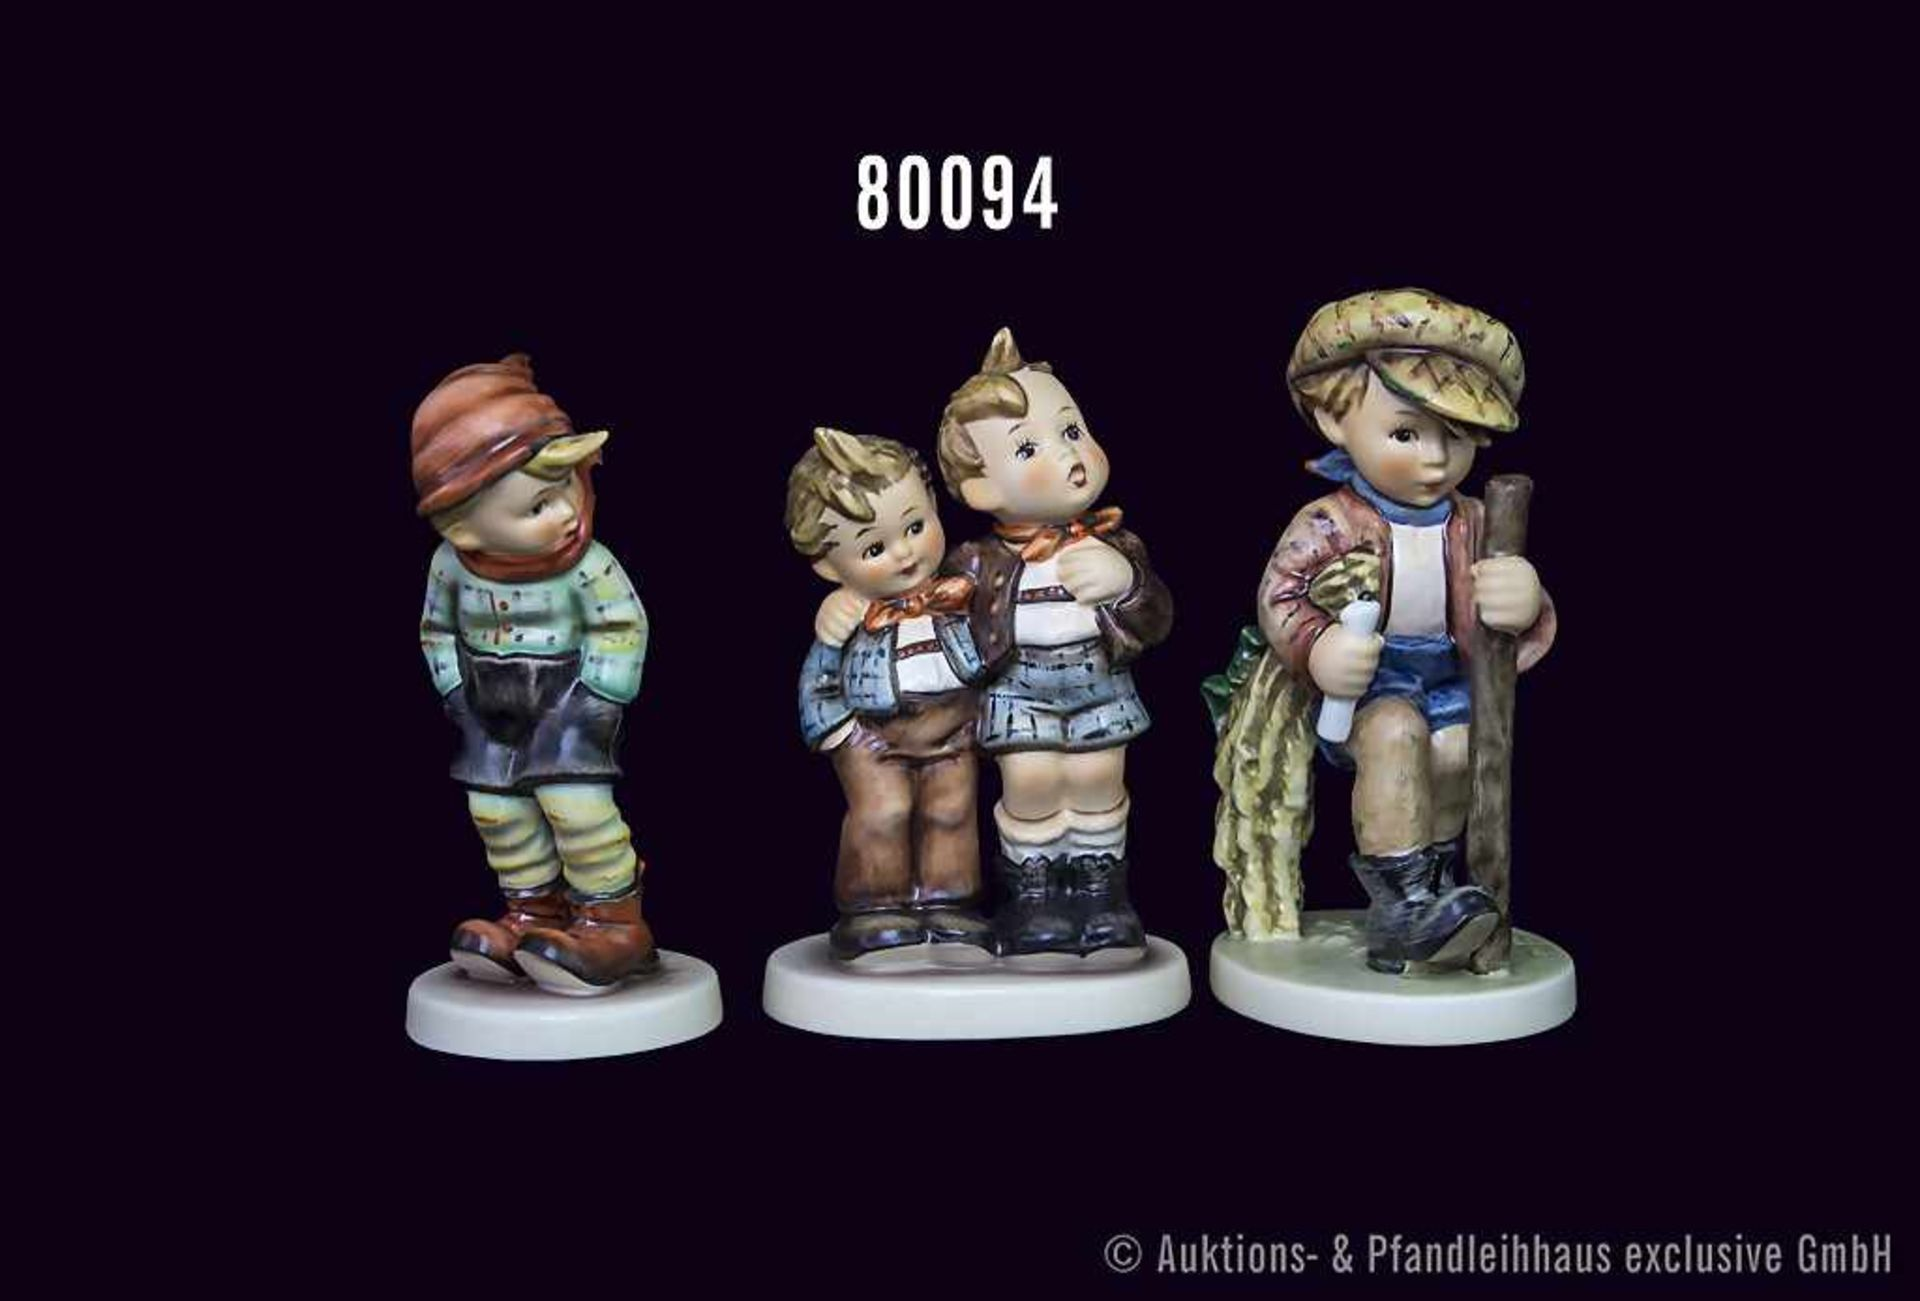 """Konv. 3 Goebel Hummel Figuren, Nr. 386 """"Auf heimlichen Wegen"""", Nr. 43 """"Lausbub"""" und Nr. 123 """"Max und"""